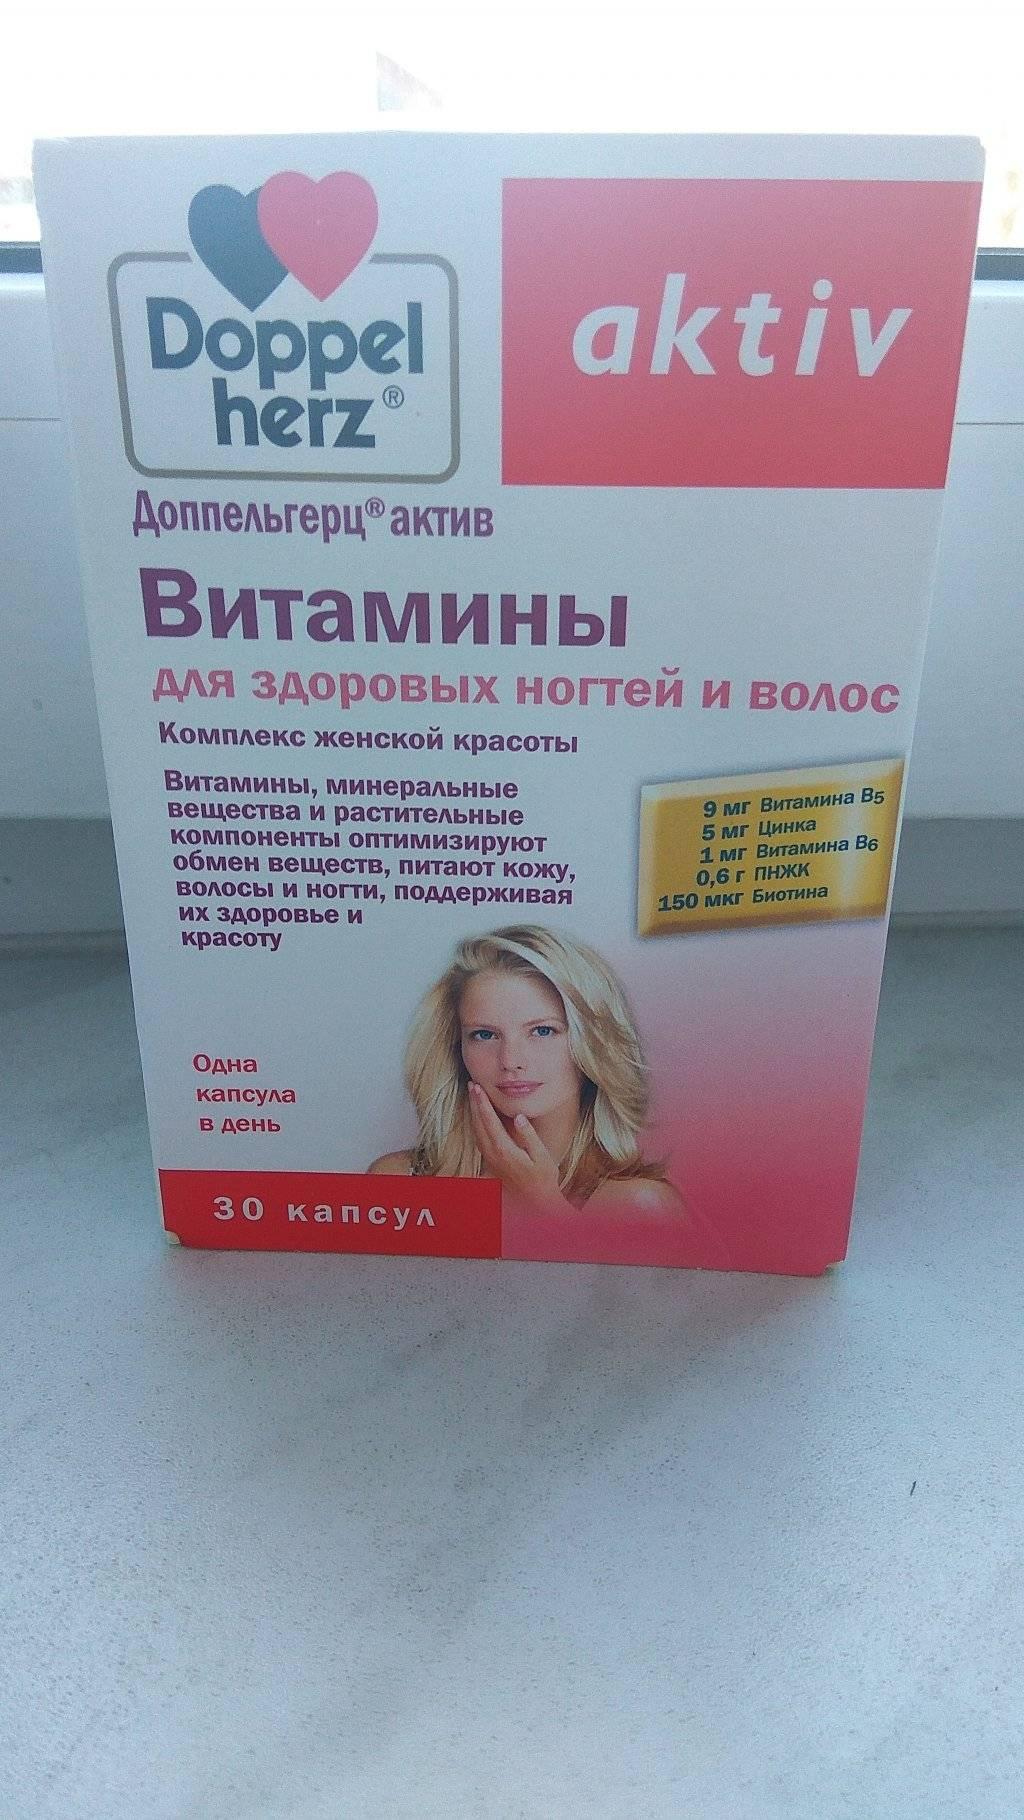 Наиболее эффективные и популярные средства от выпадения волос у женщин в аптеках